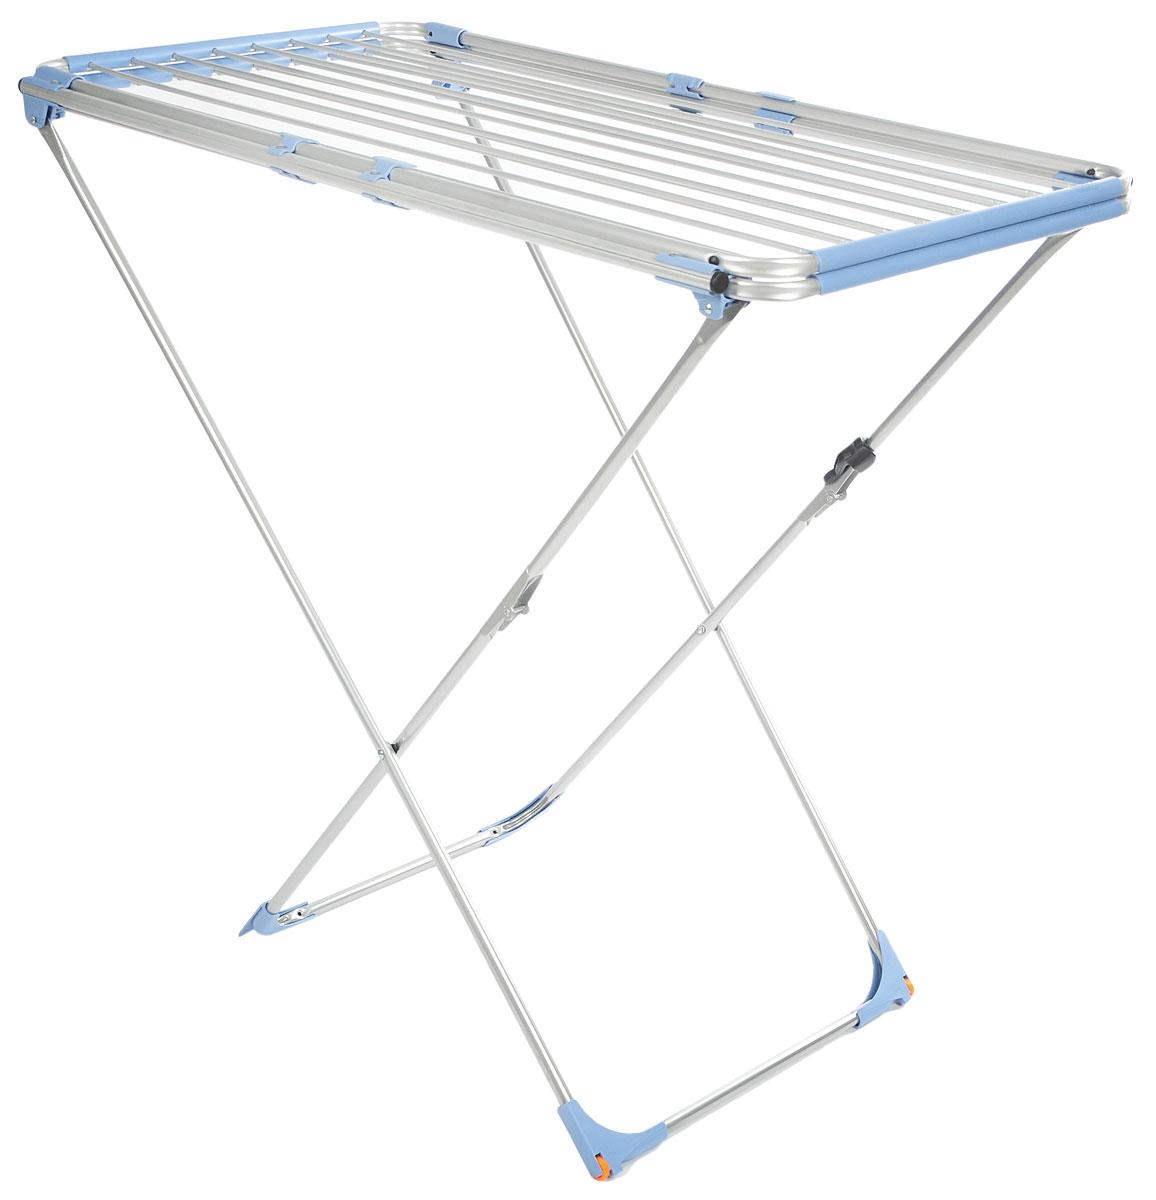 Сушилка для белья Gimi  Duo Alu , напольная, цвет: голубой, стальной -  Сушилки для белья